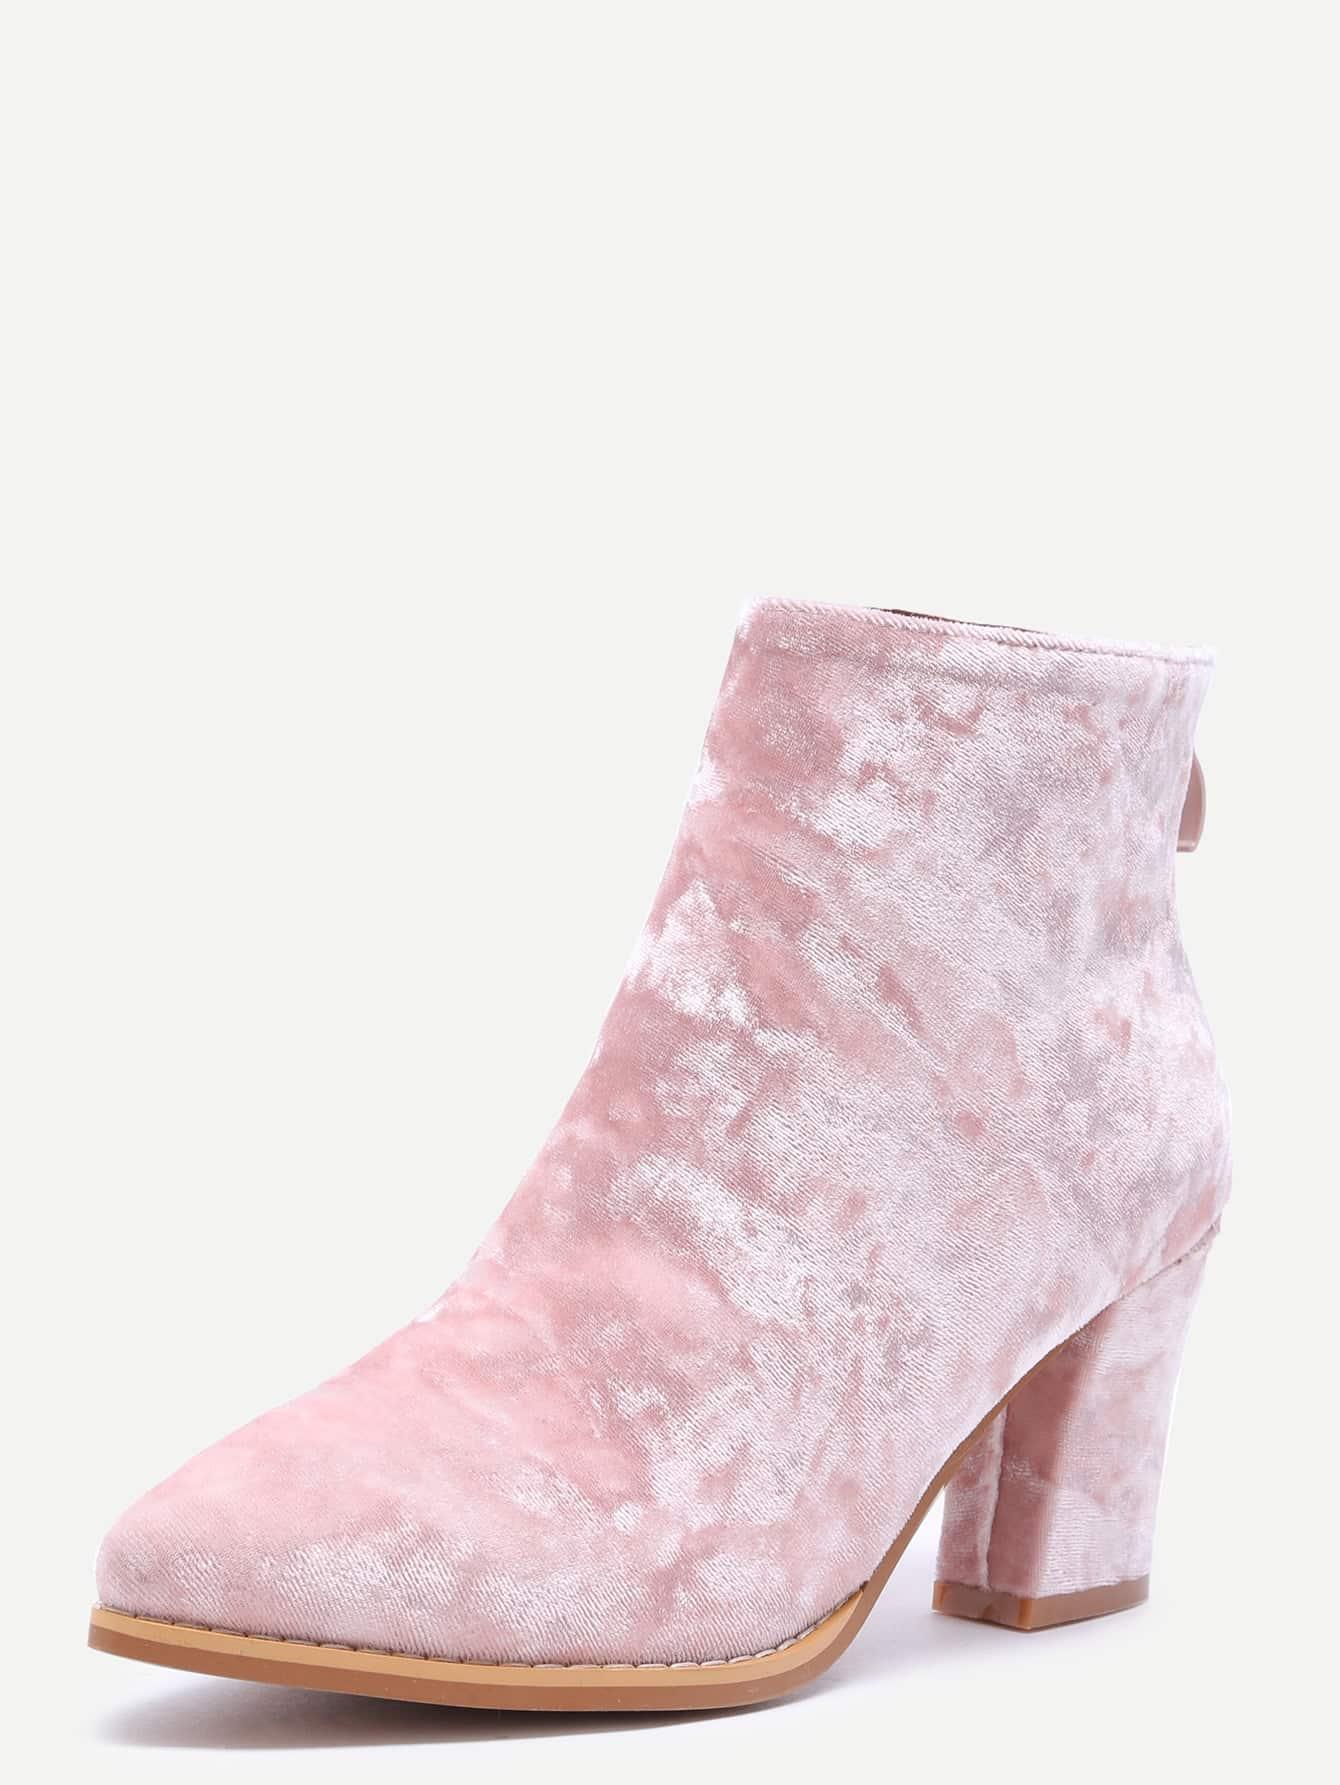 shoes161021803_2